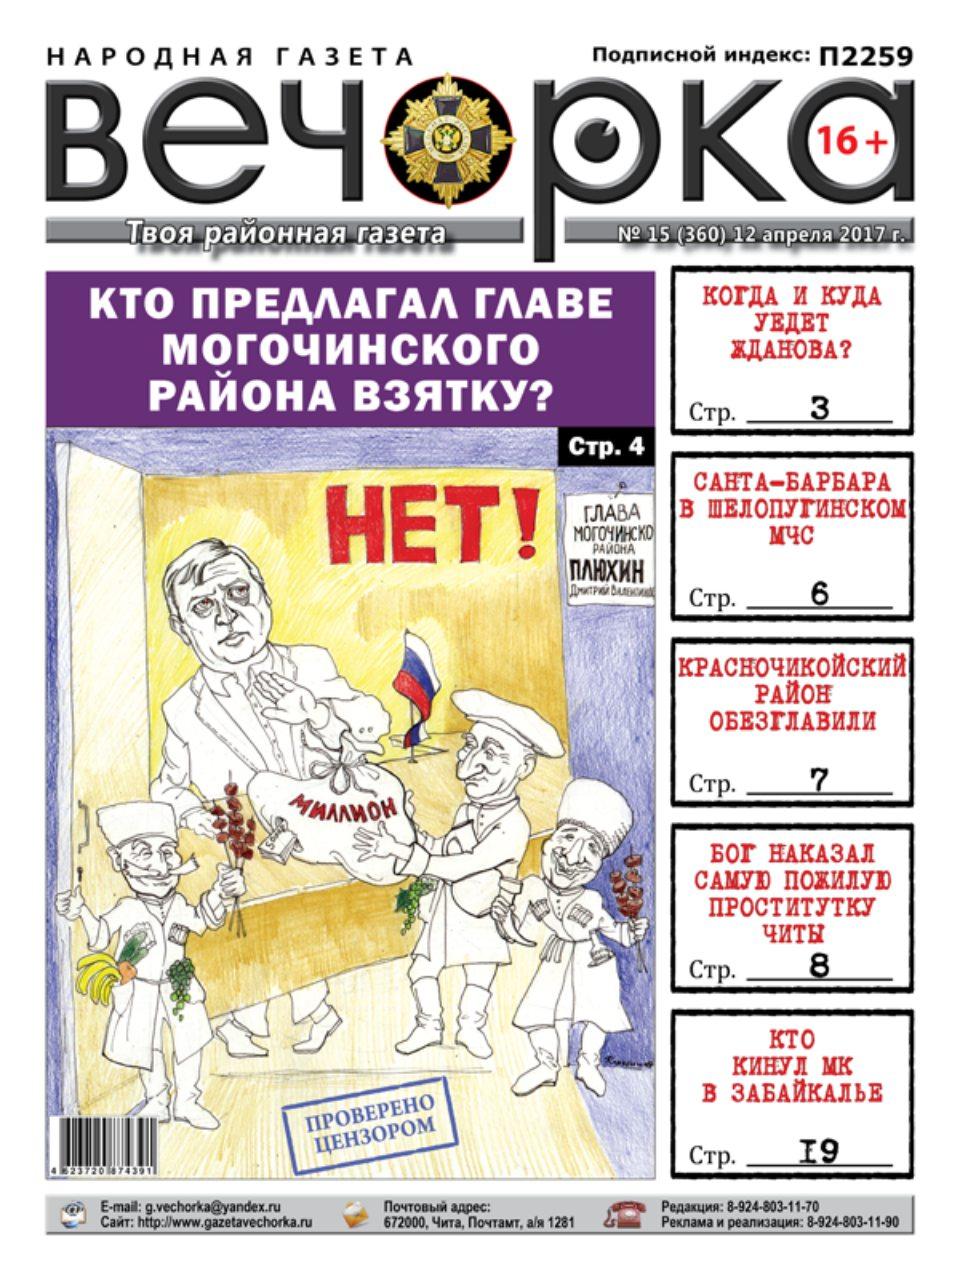 Экс-глава Могочинского района Дмитрий Плюхин попал под уголовное преследование